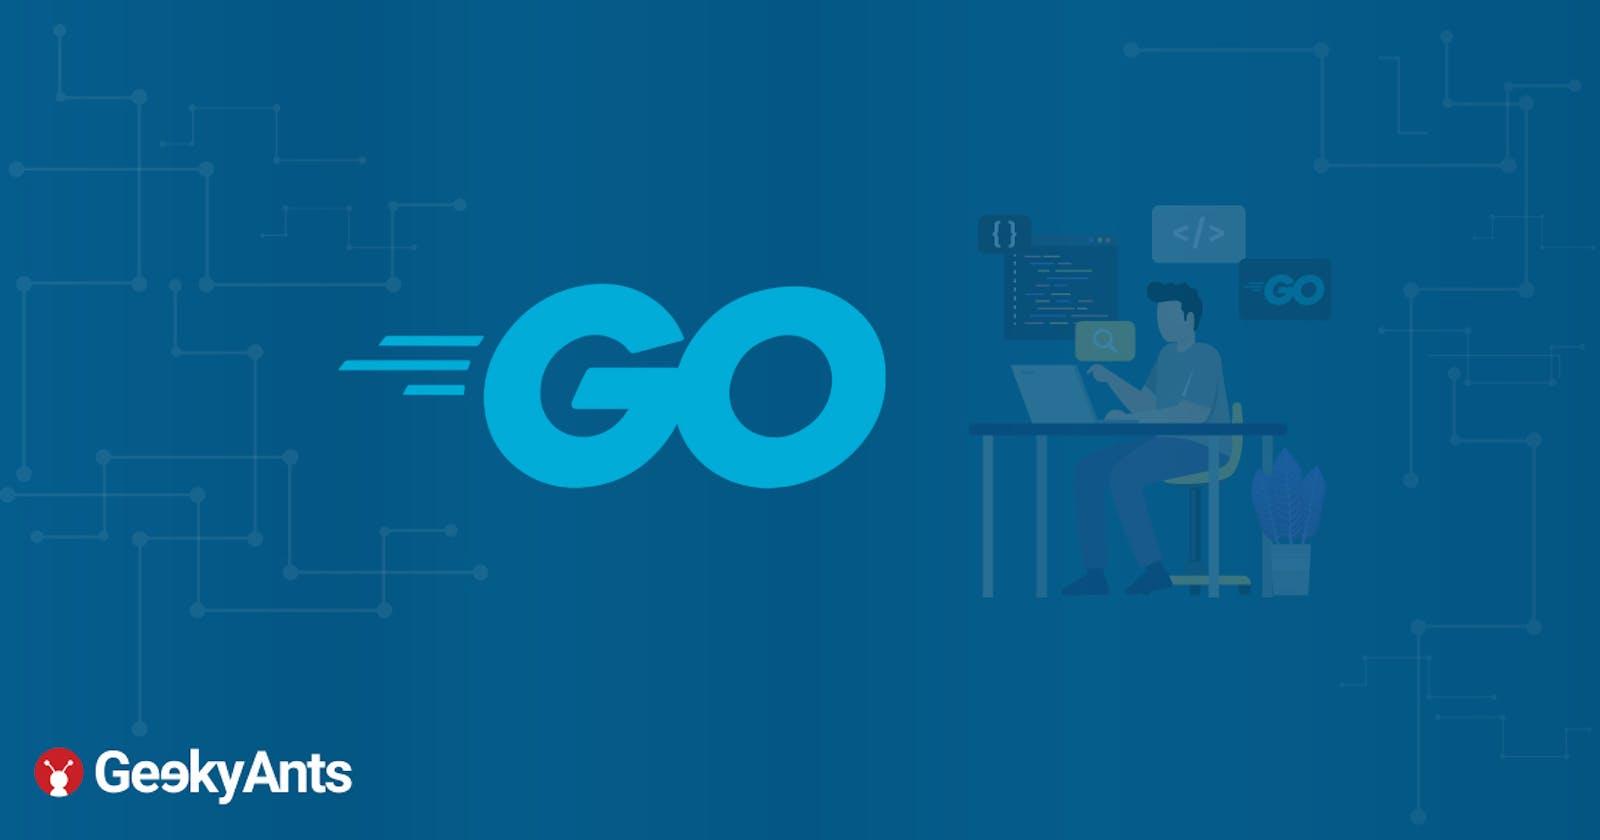 GoLang: The Better Framework